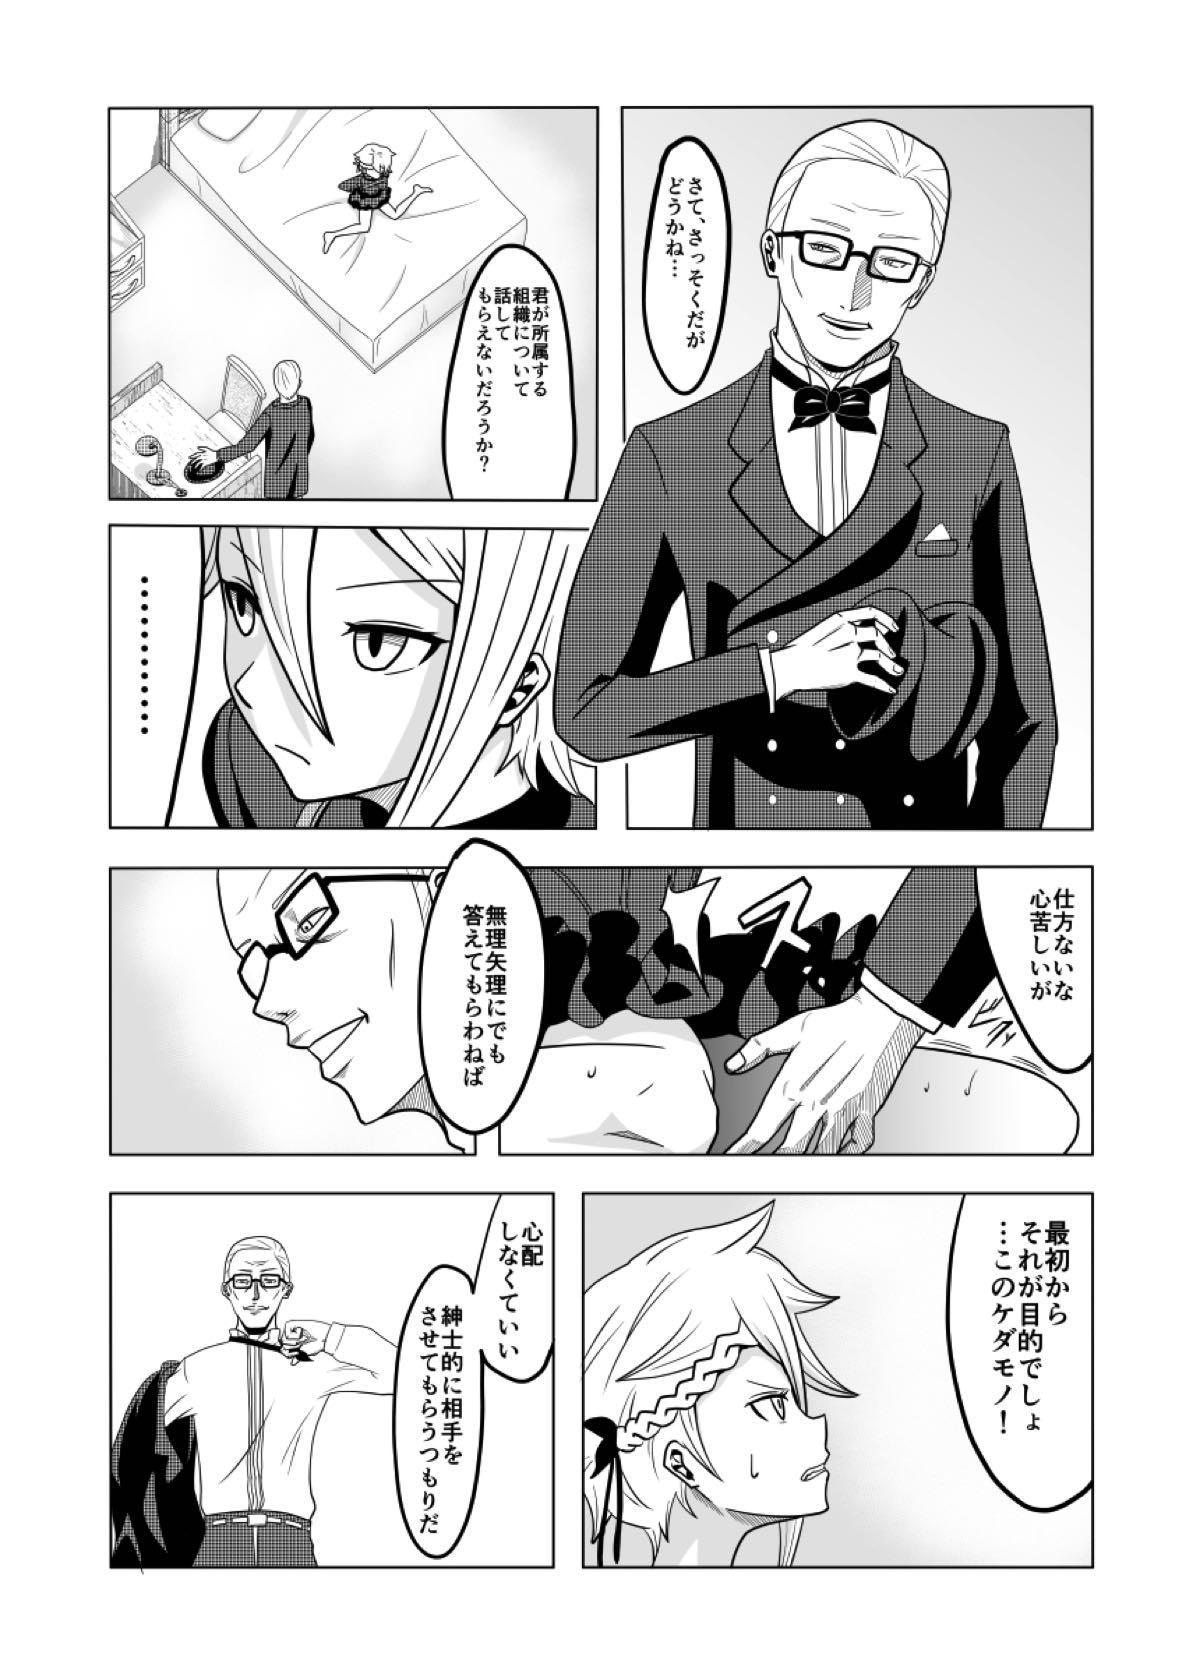 捕まったスパイ 5